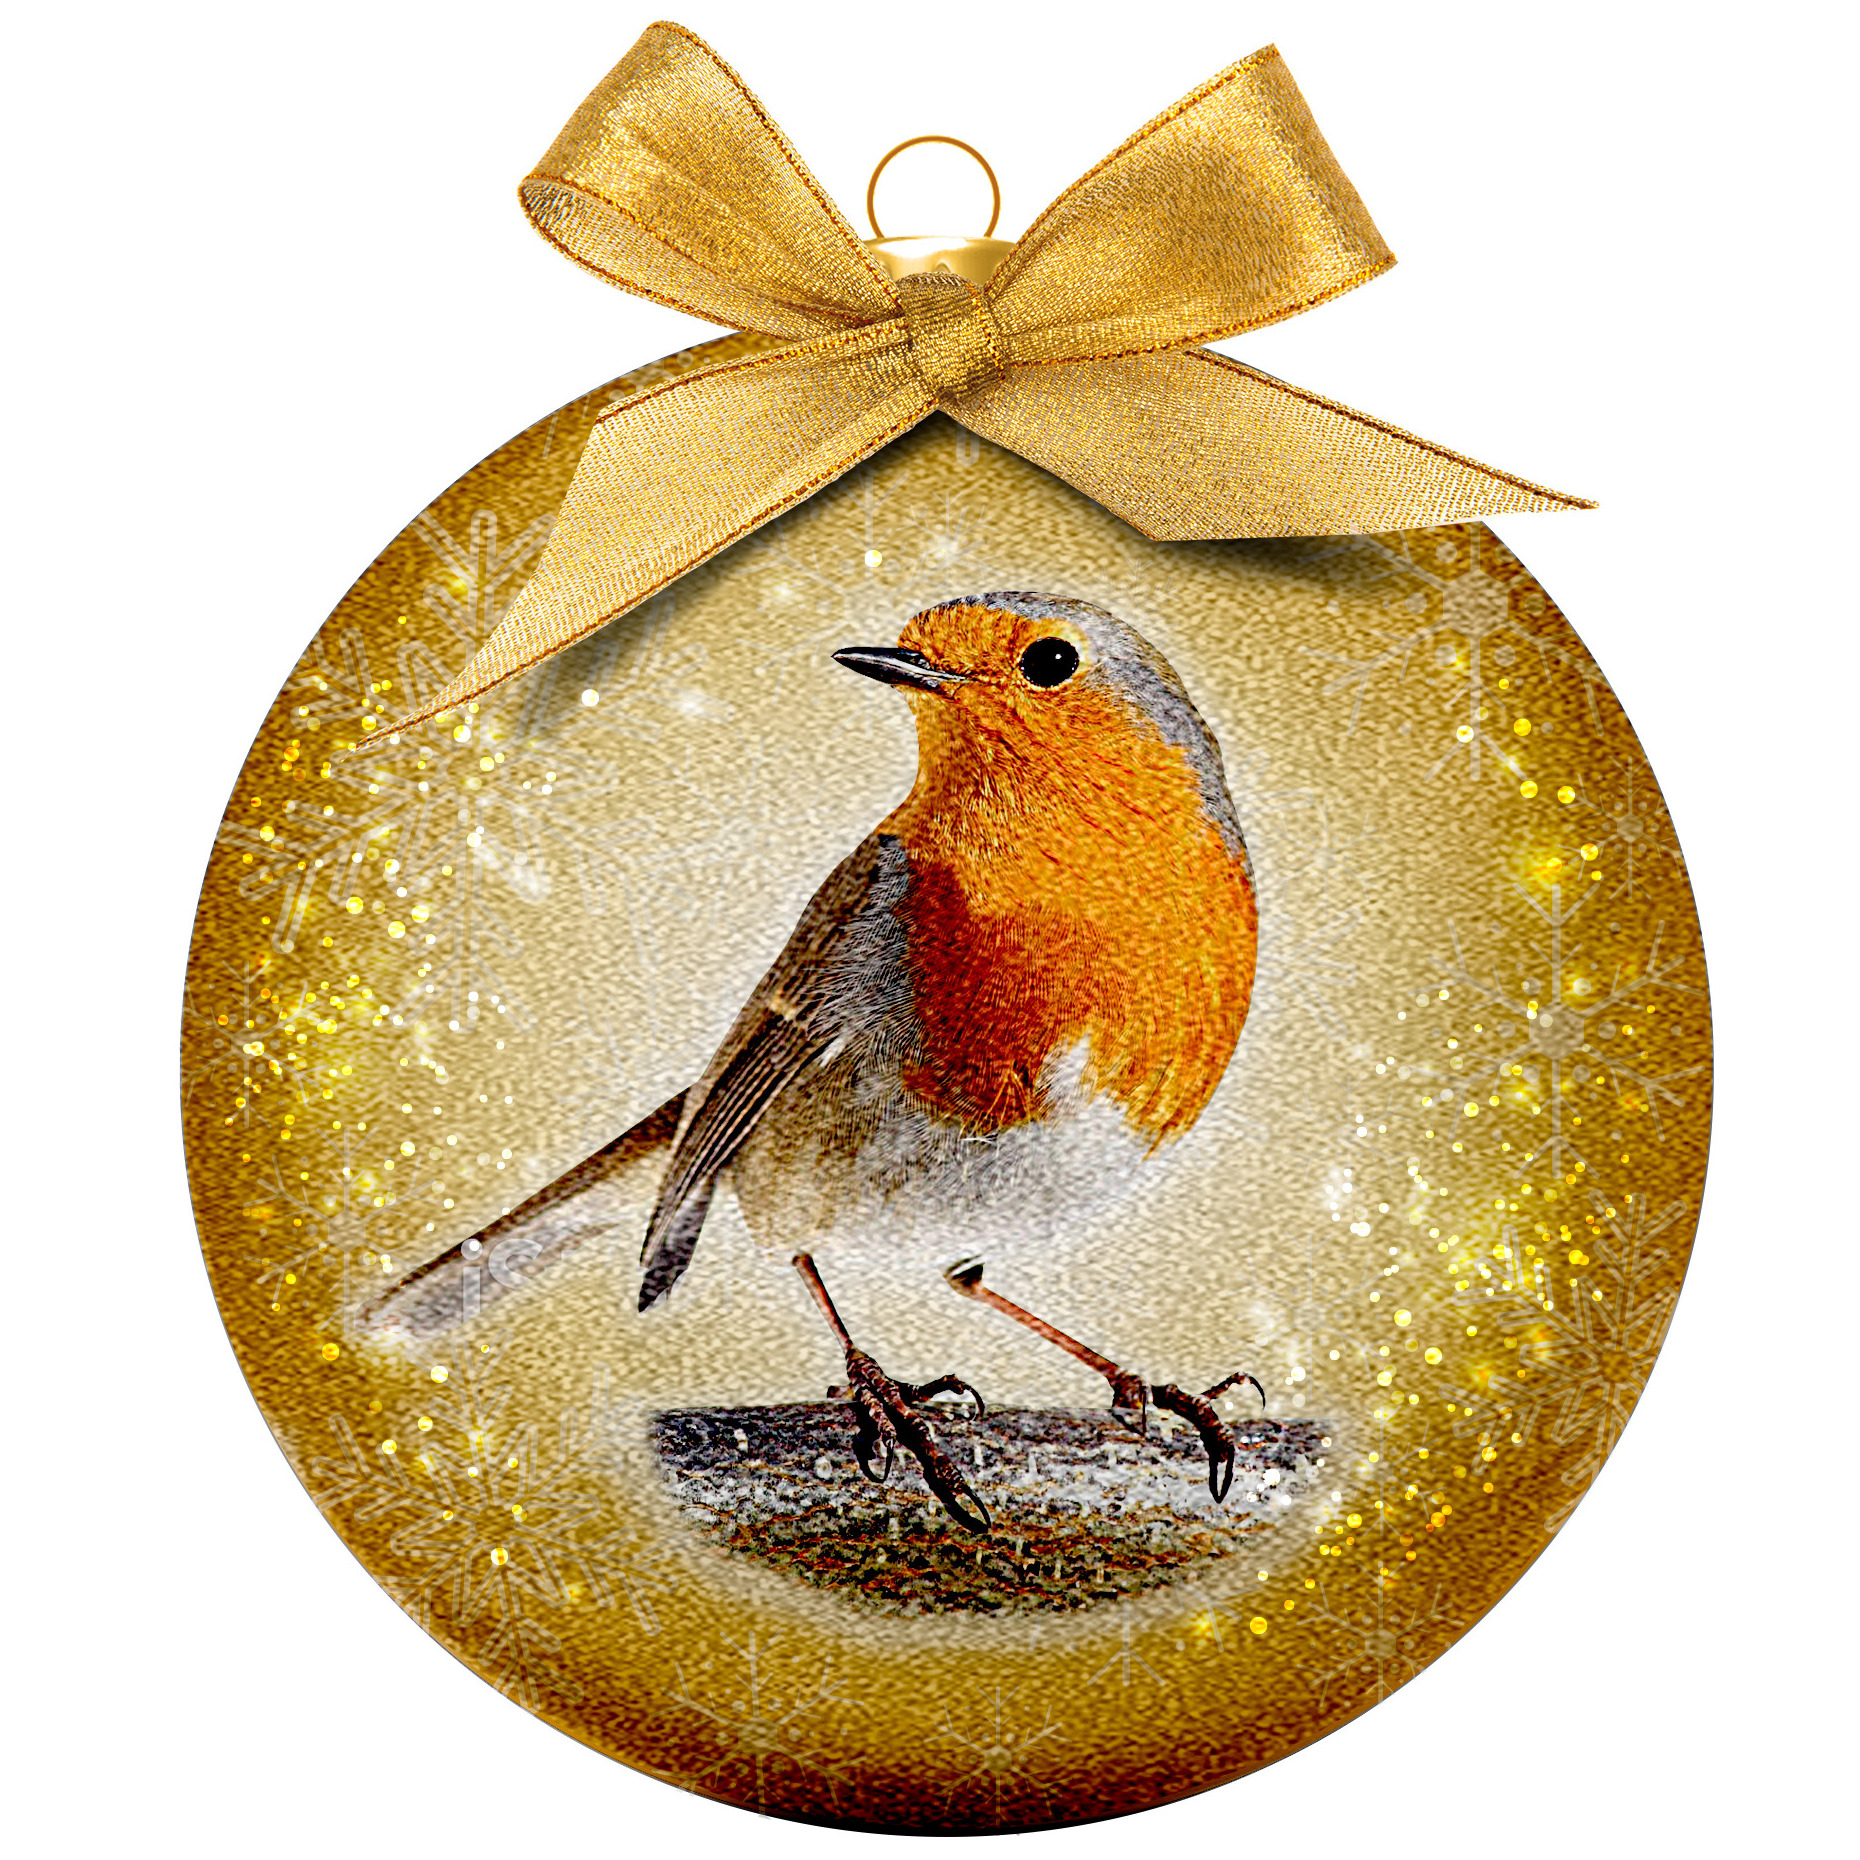 1x Dieren kerstballen met vogels 8 cm